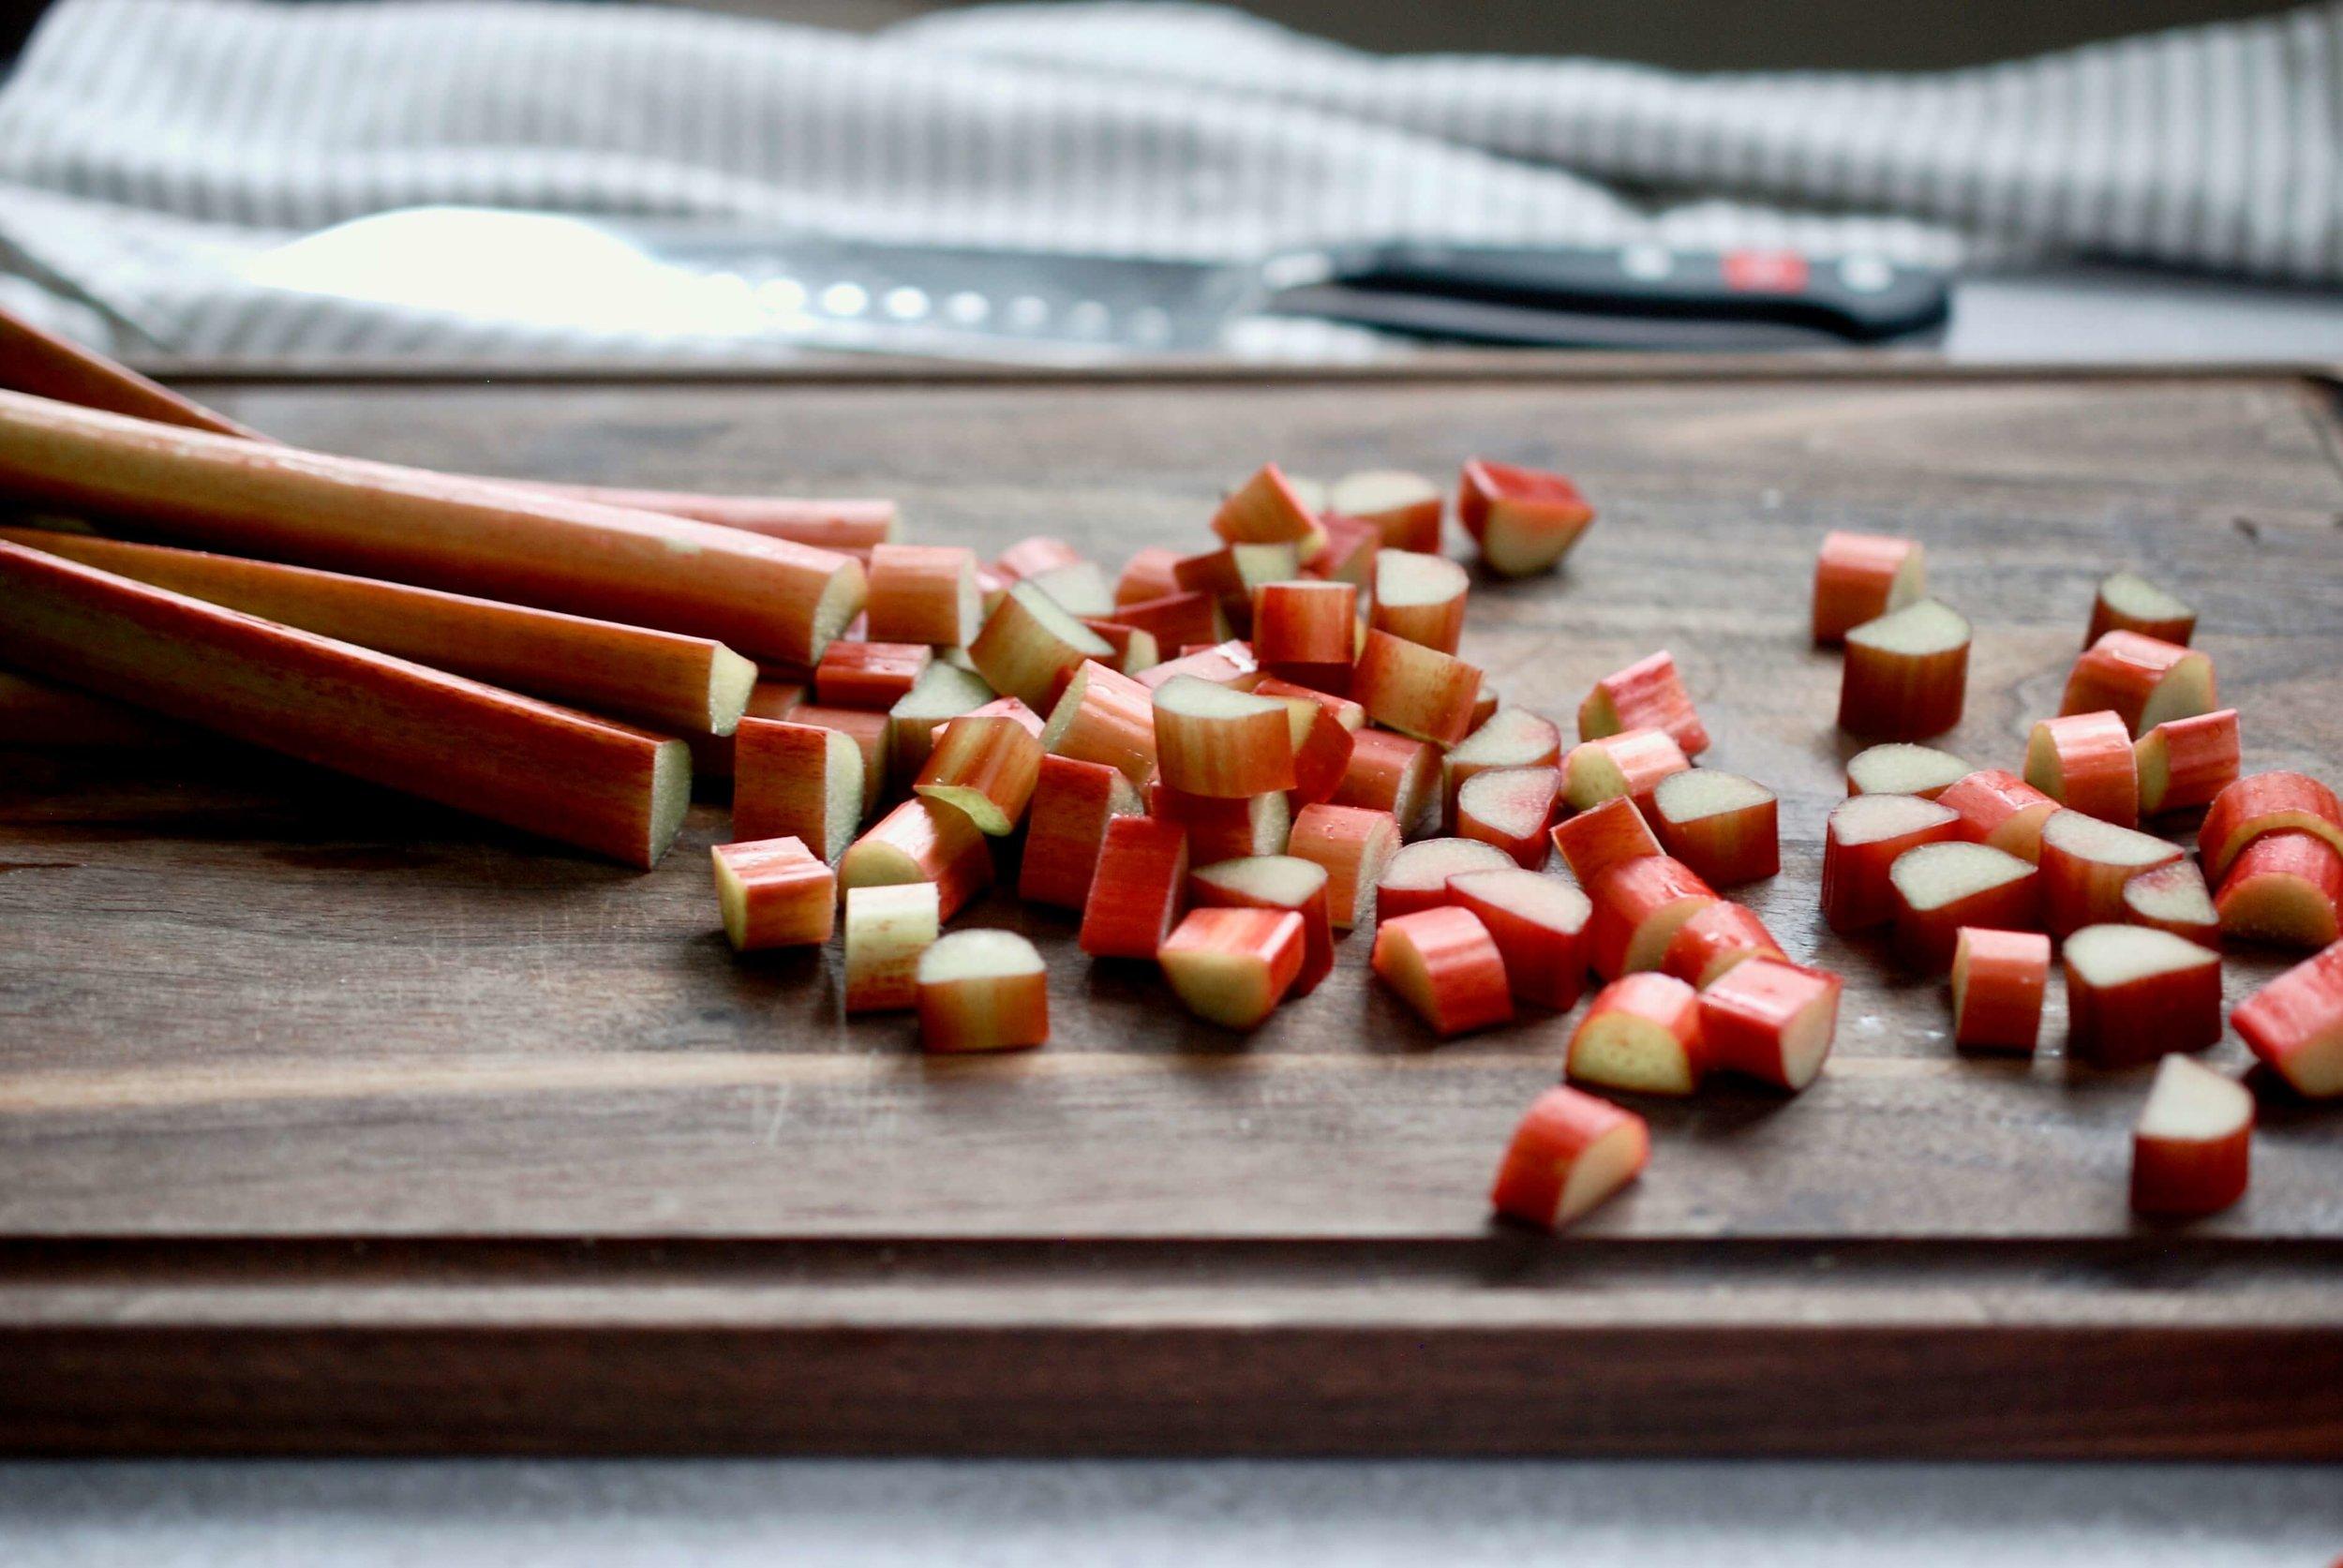 rhubarb_chopped2.jpeg